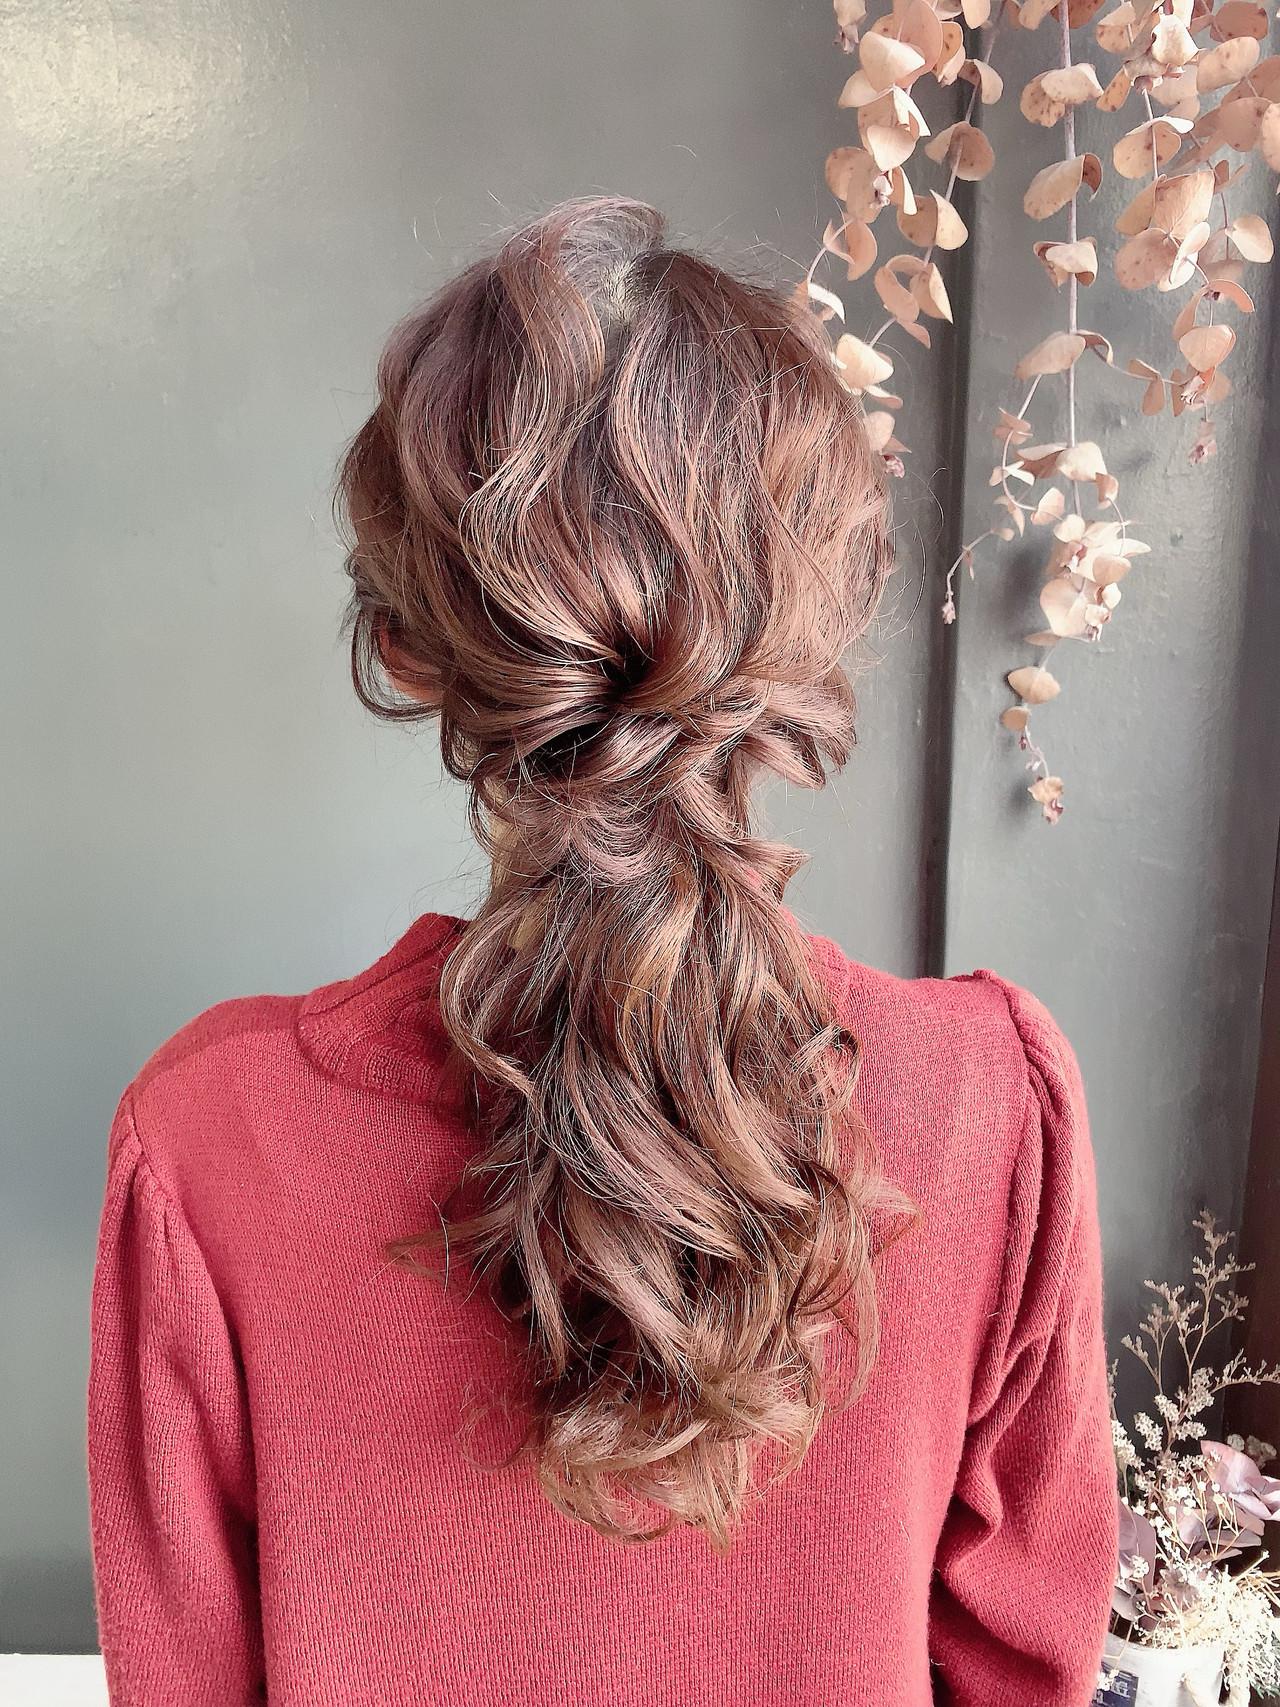 ロング ハーフアップ ヘアアレンジ 結婚式ヘアアレンジ ヘアスタイルや髪型の写真・画像